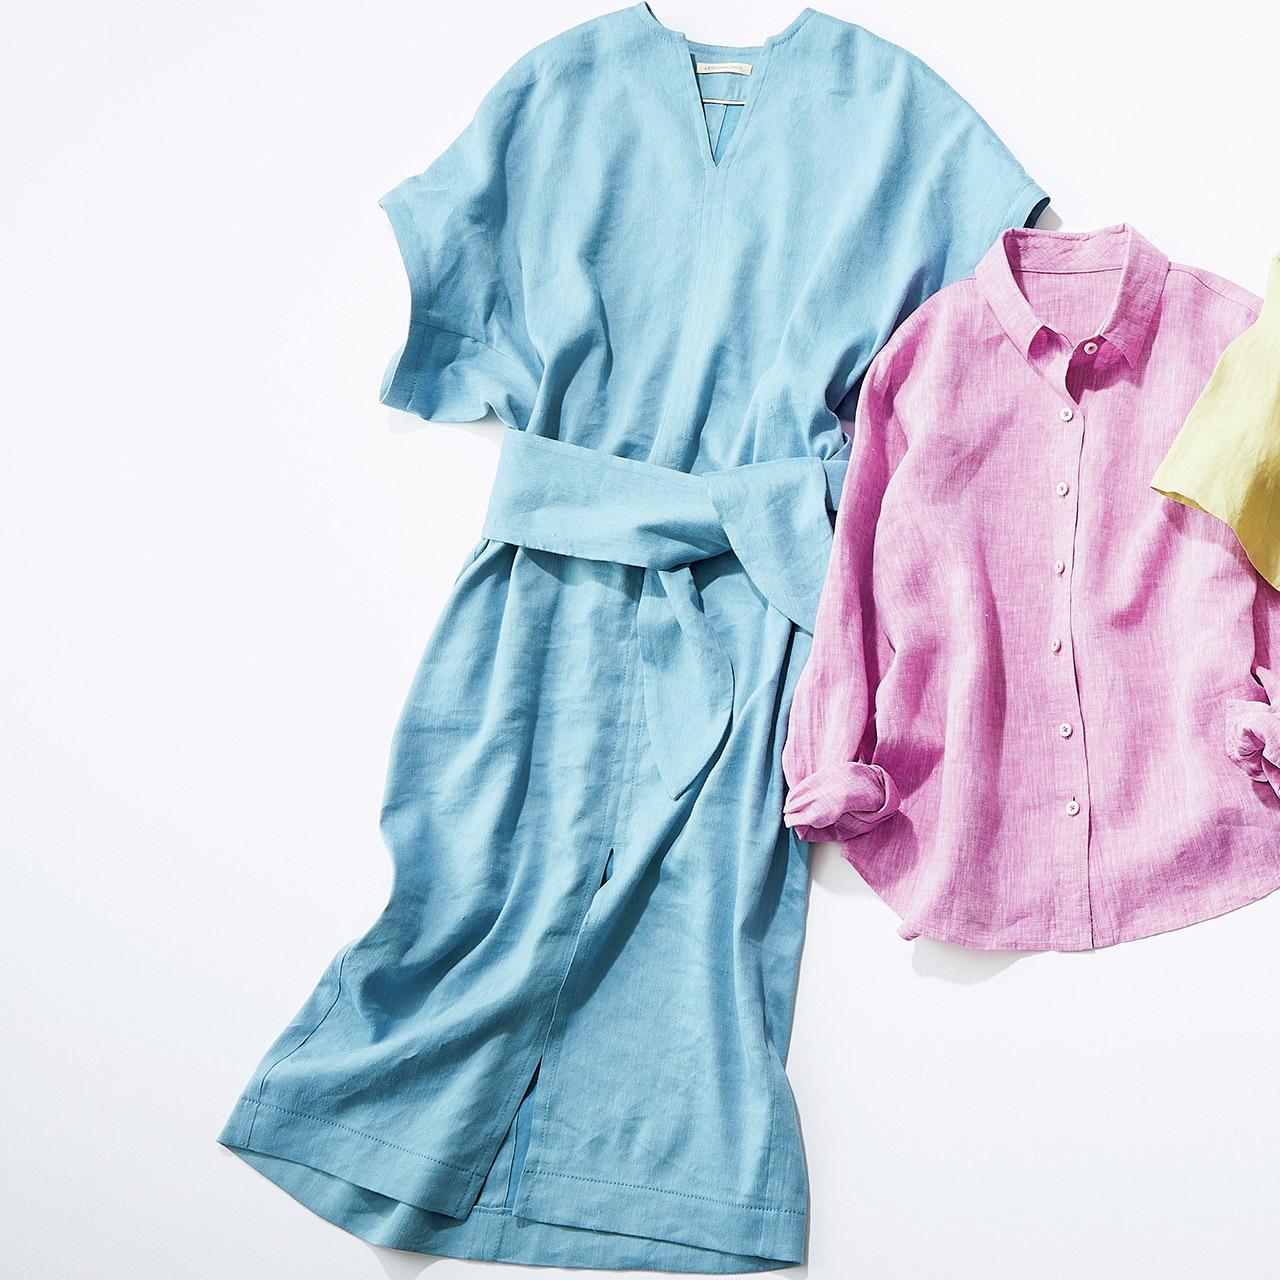 """リネンのカッコよさを印象づけるなら""""きれい色のトレンド感""""で 五選_1_1-5"""